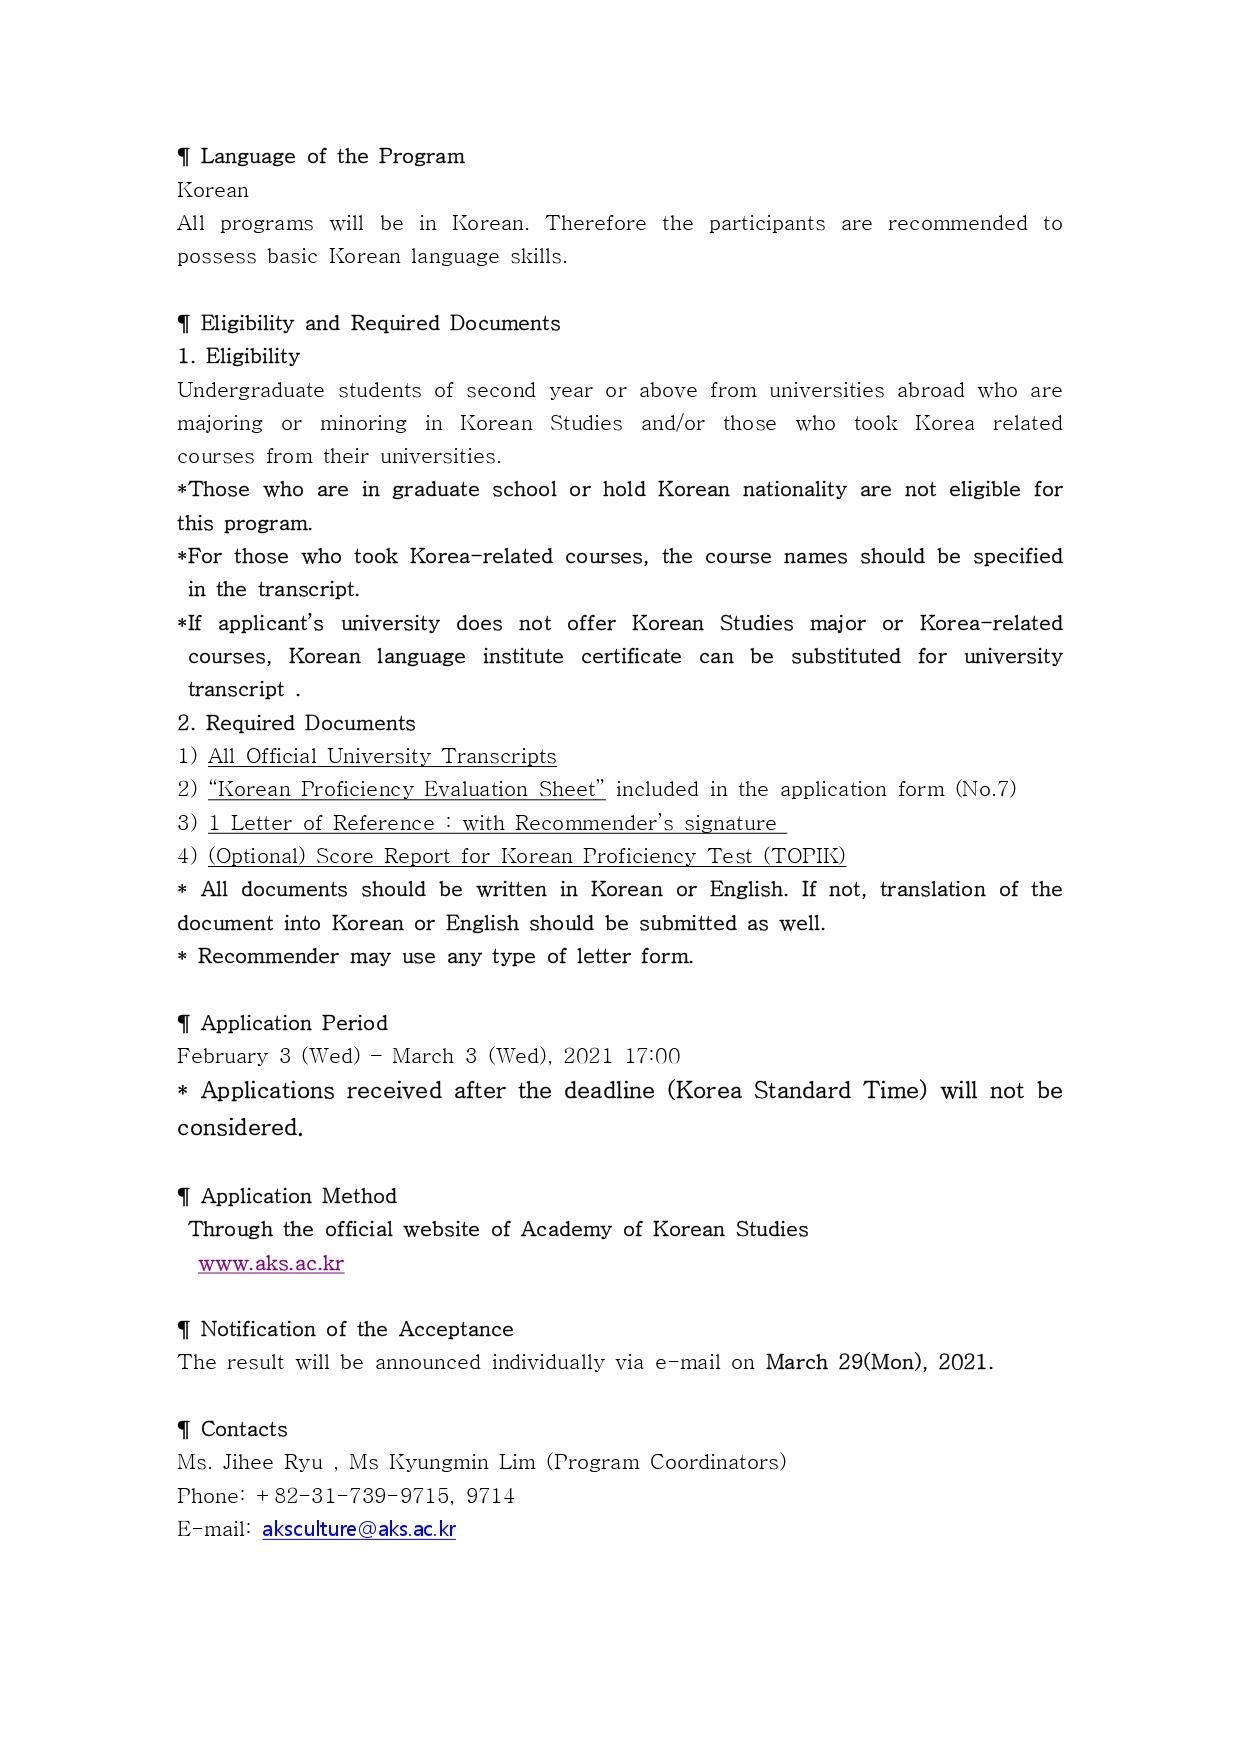 [붙임]제30회, 제31회 한국문화강좌 공고문_page-0004.jpg